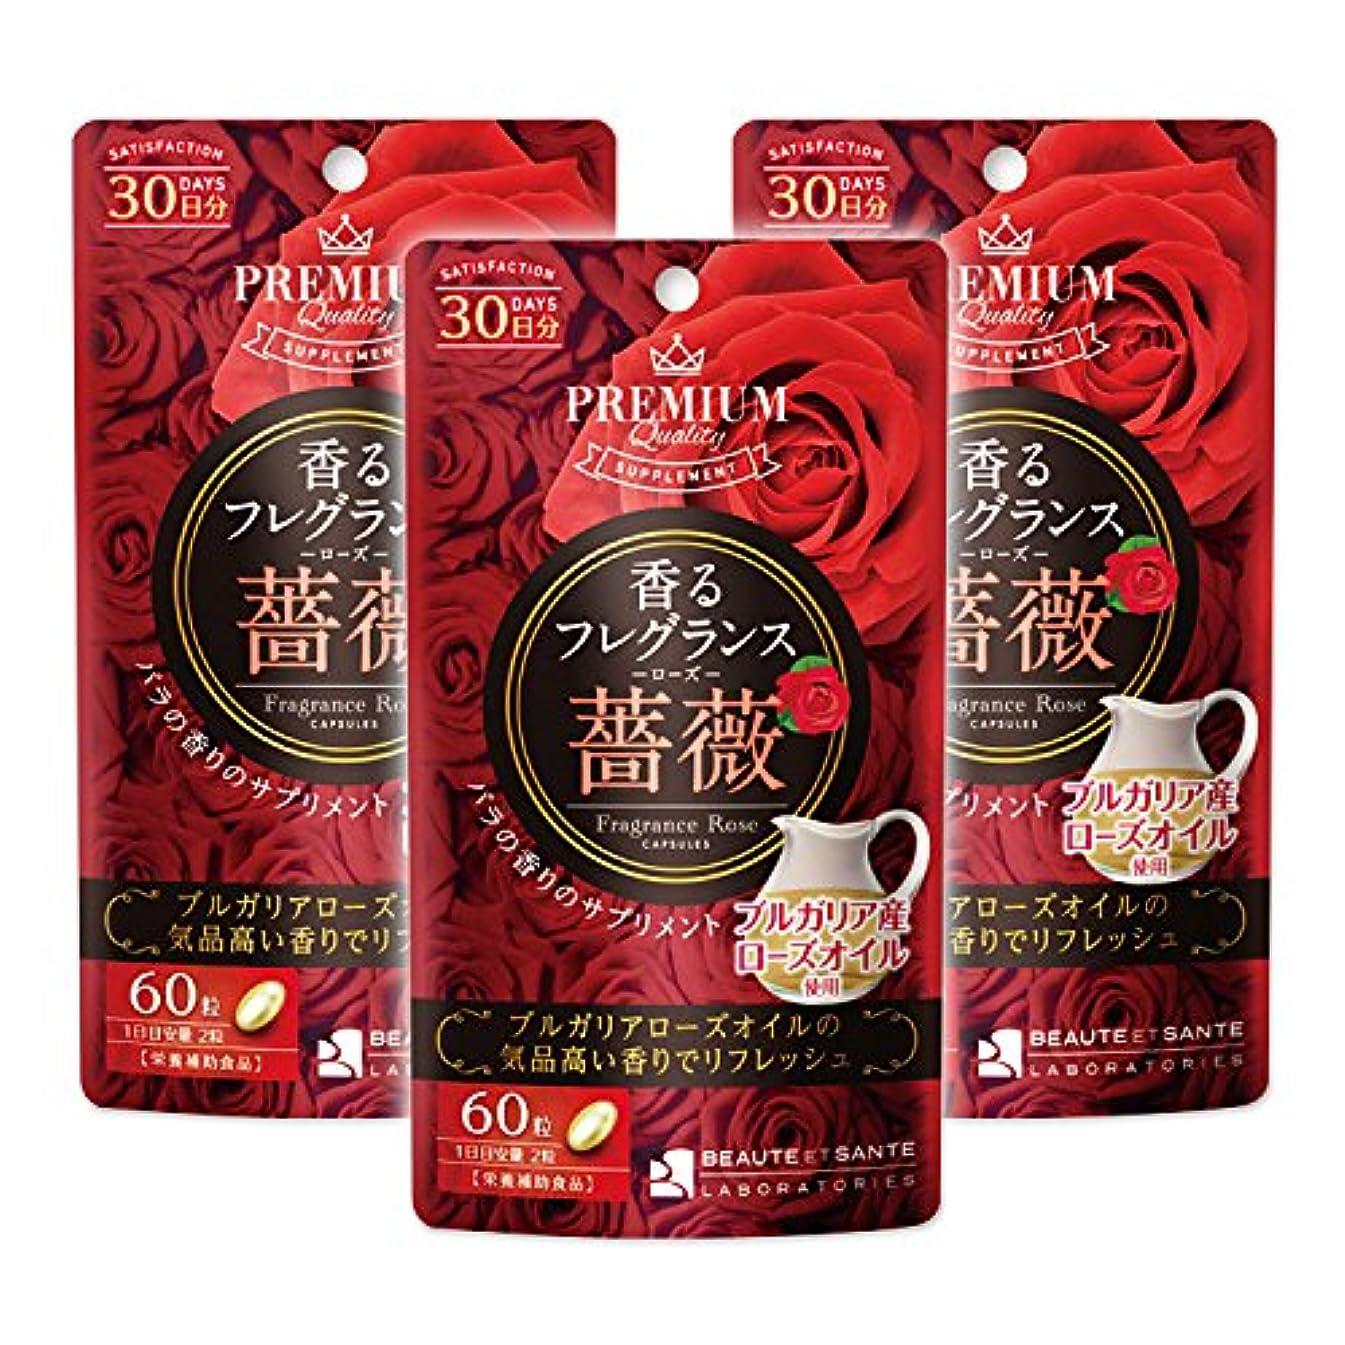 ロイヤリティラショナル復活させる香るフレグランス 薔薇 ローズ [60粒]◆3袋セット◆